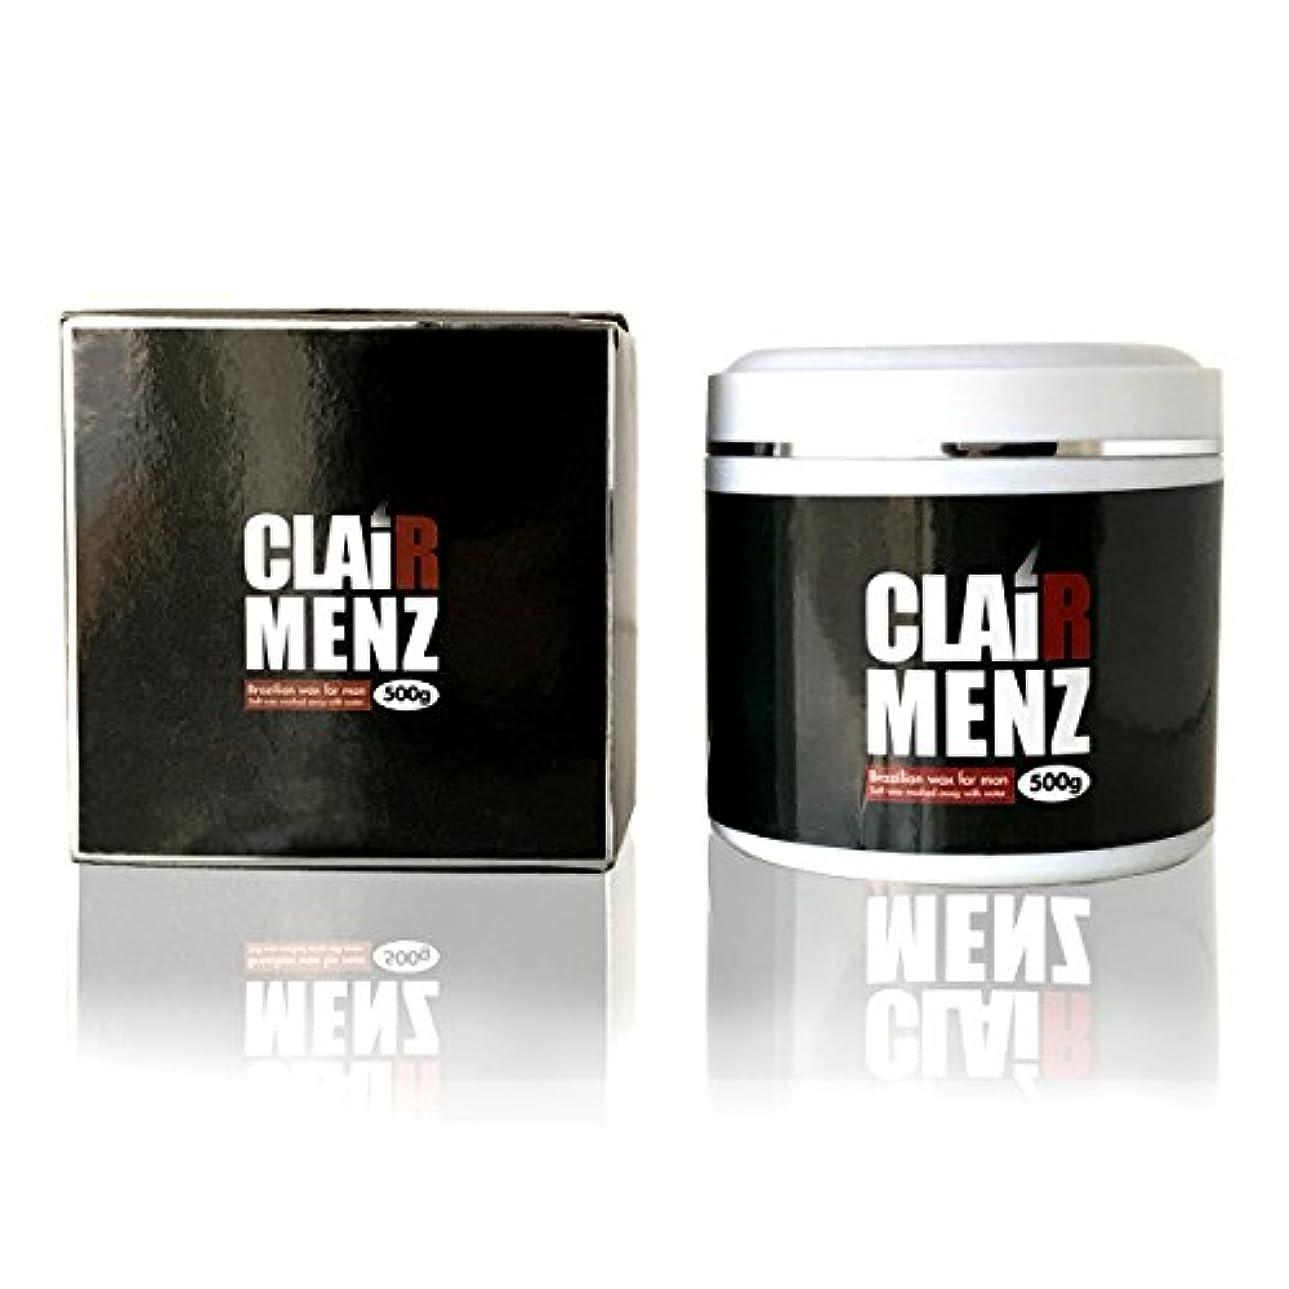 音ギター試験ブラジリアンワックス メンズ専用 clair Menz wax 500g(単品) メンズ脱毛専用ラベル 無添加ワックス 脱毛ワックス